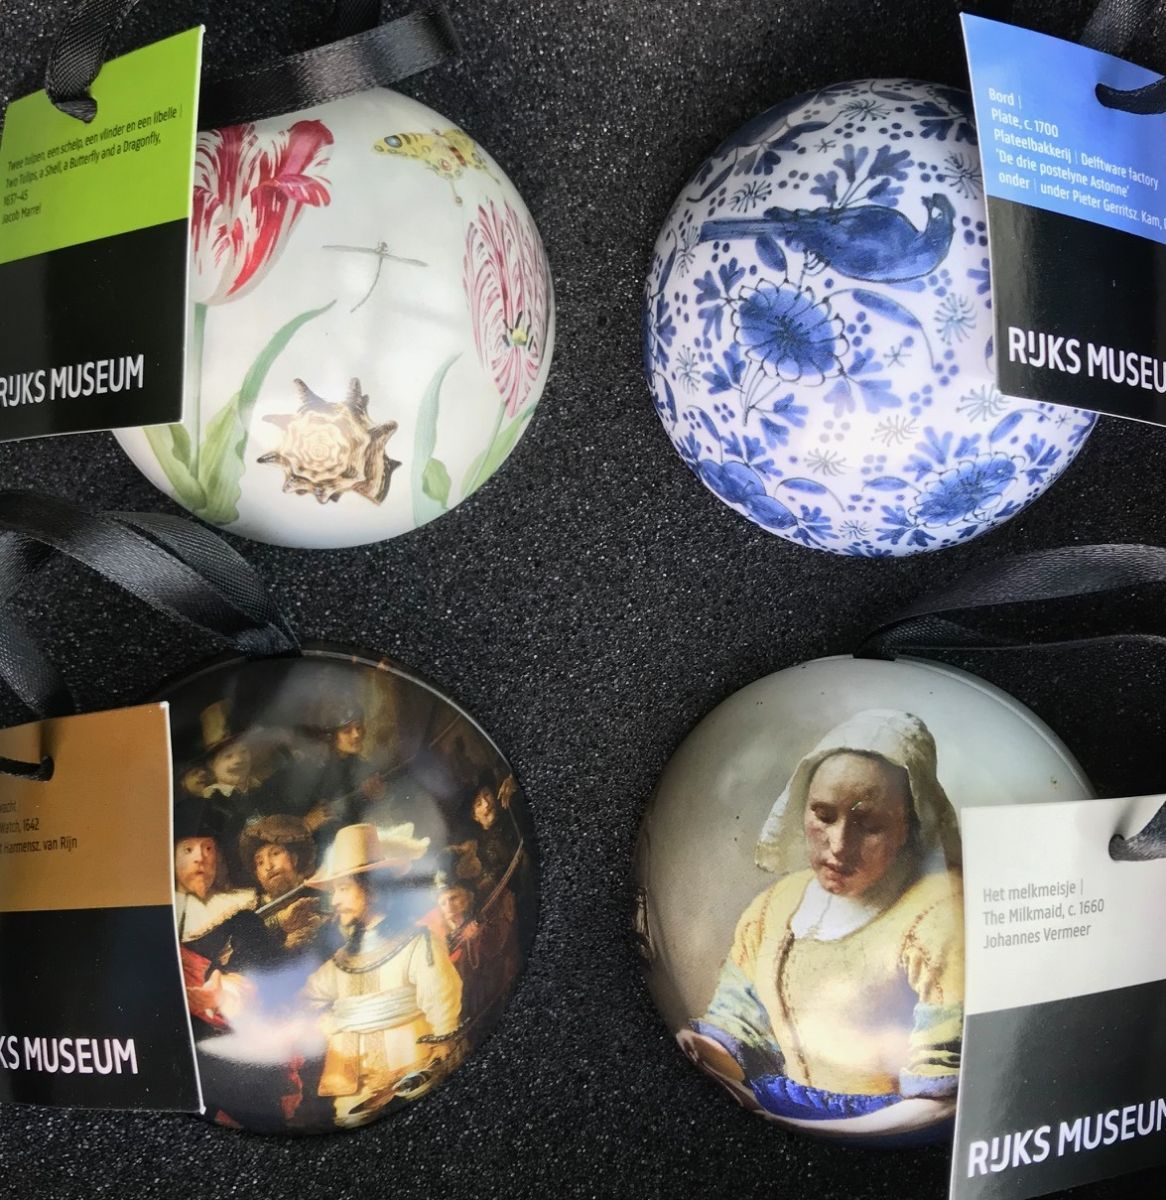 xmas_kerstbal_ornament_art_rijksmuseum_geschenkbox